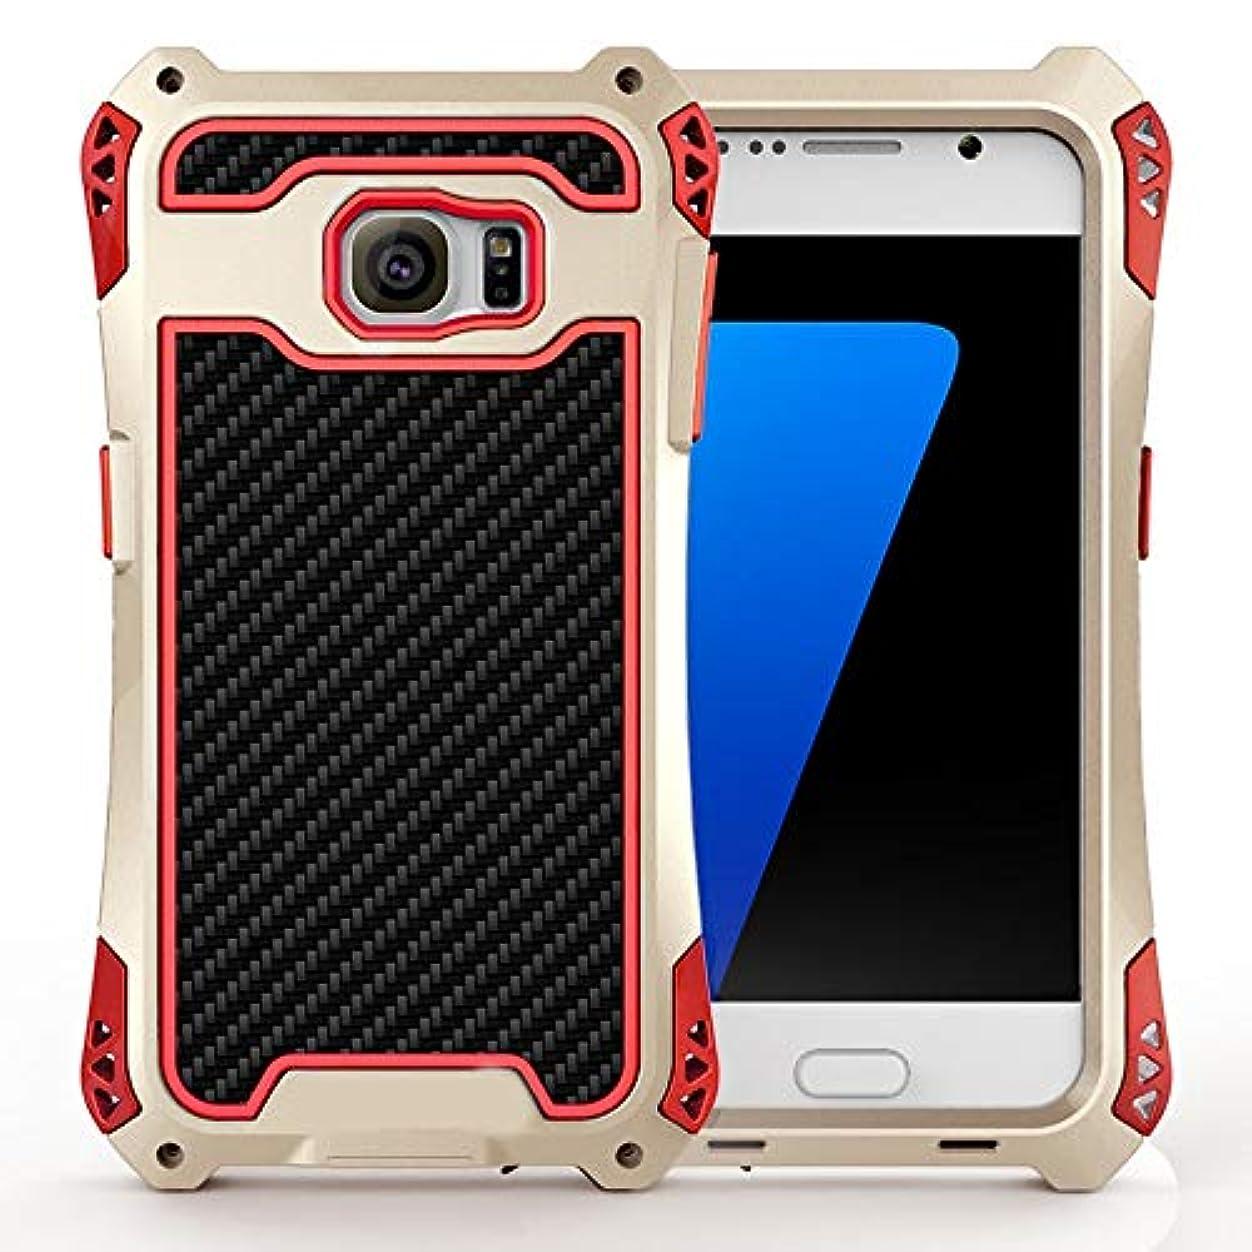 強度記念碑手順Tonglilili 電話箱、Samsung S7、S7の端のための防水箱の金属の電話箱の表面3の保護カバーの電話箱 (Color : Black+Red+Gold, Edition : S7 Edge)